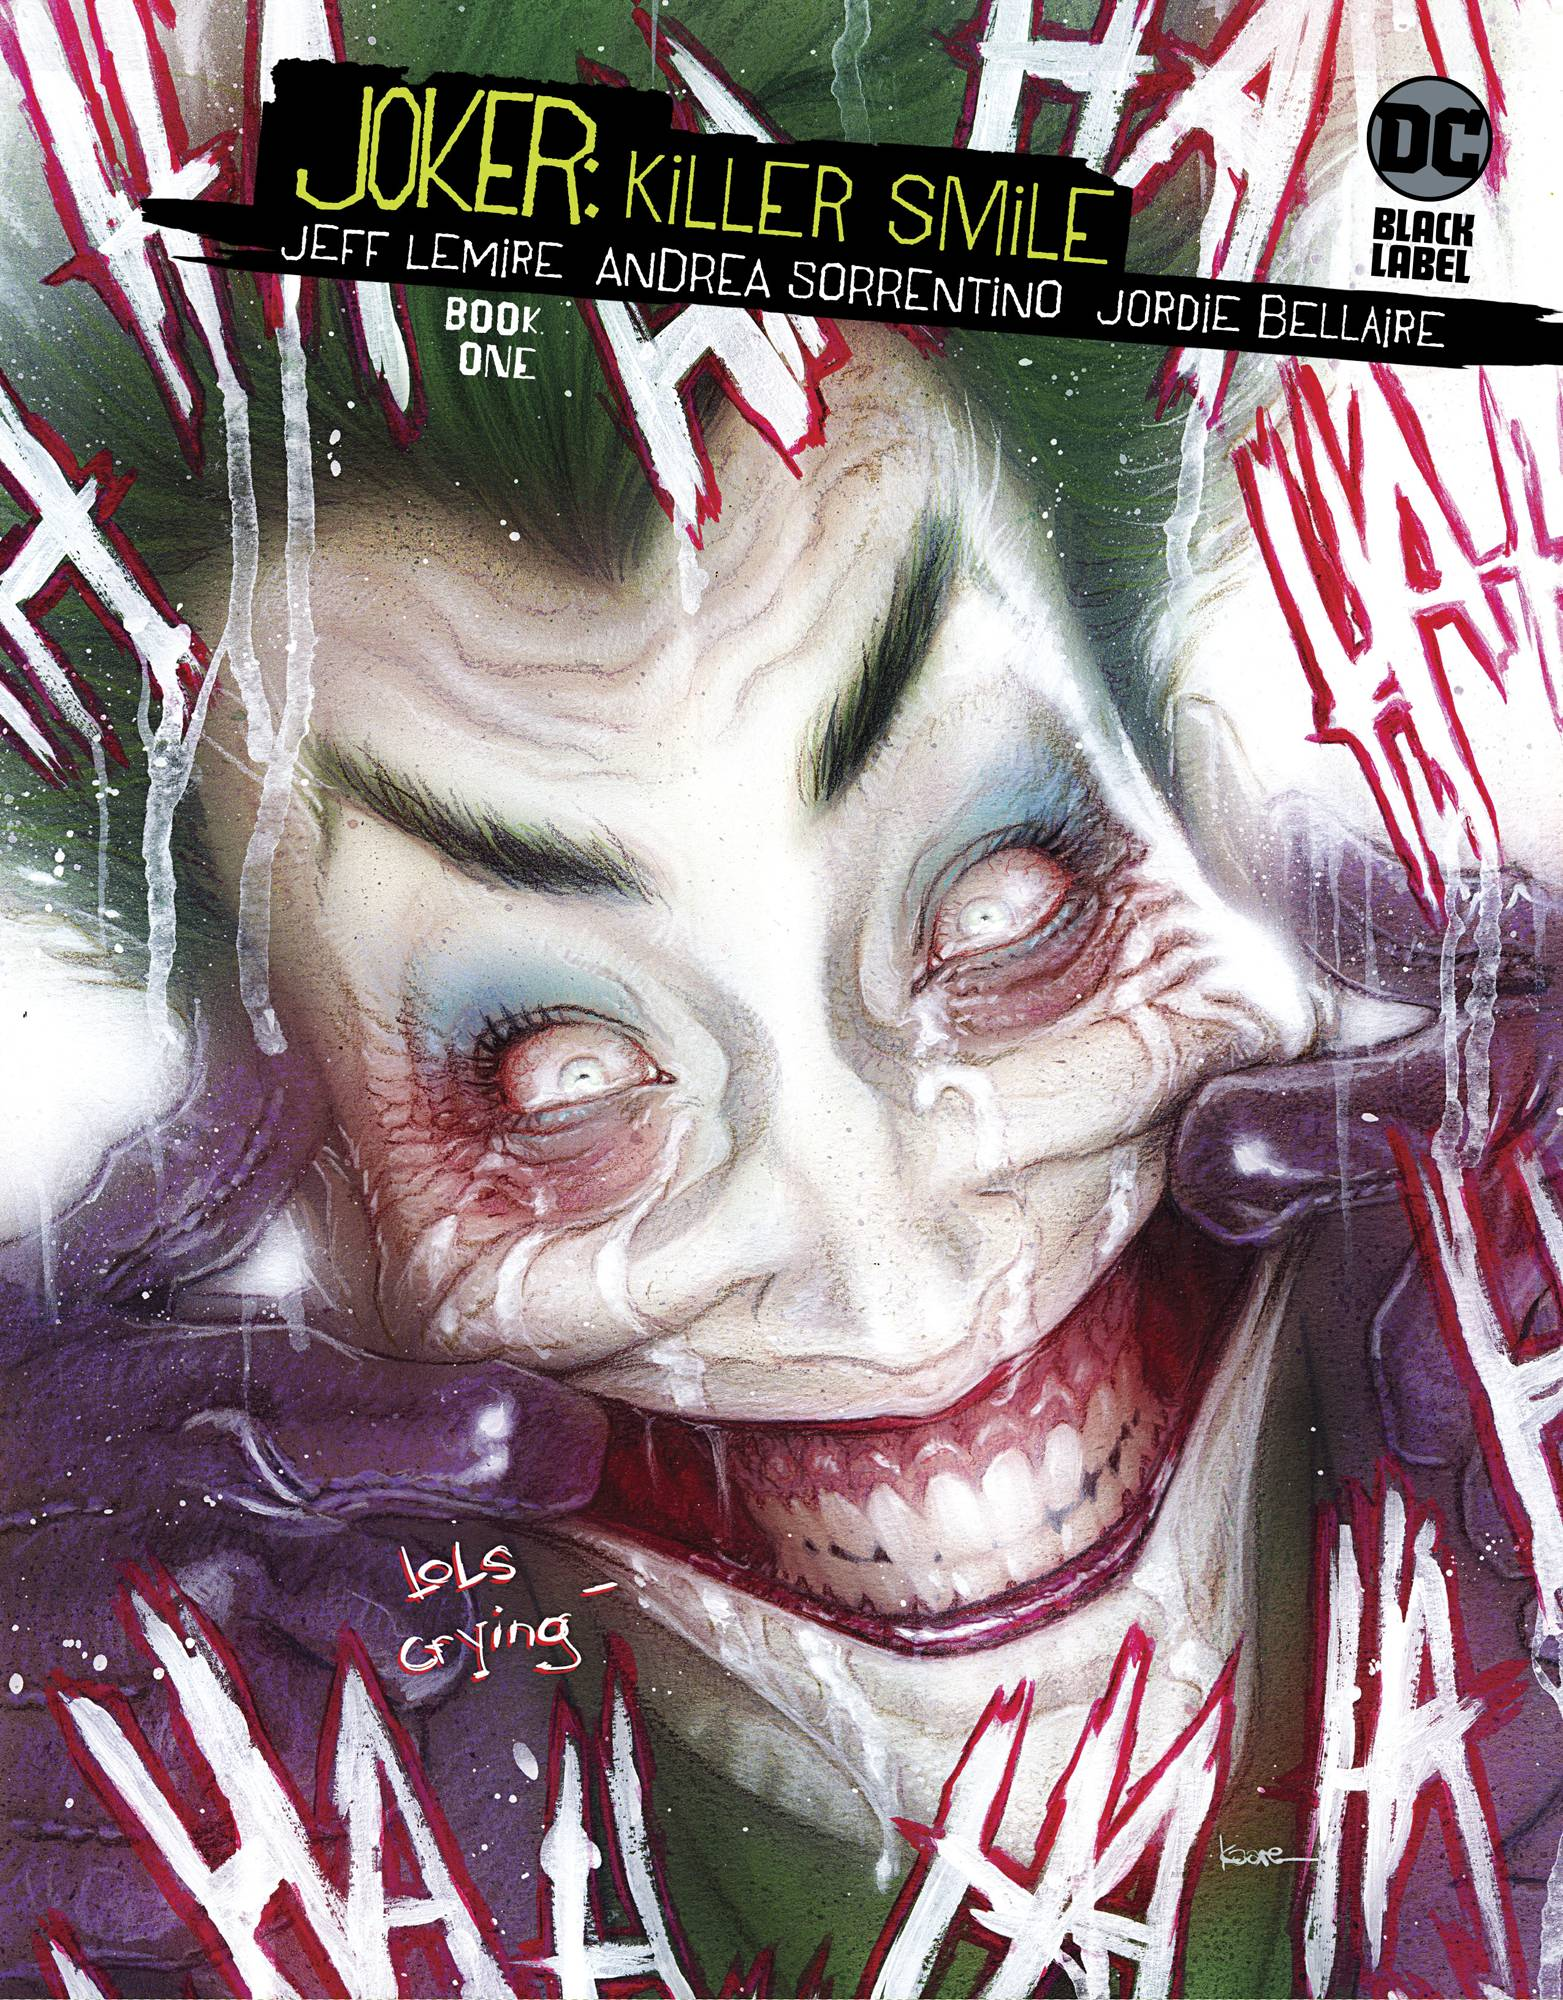 Joker: Killer Smile #1 (2019)